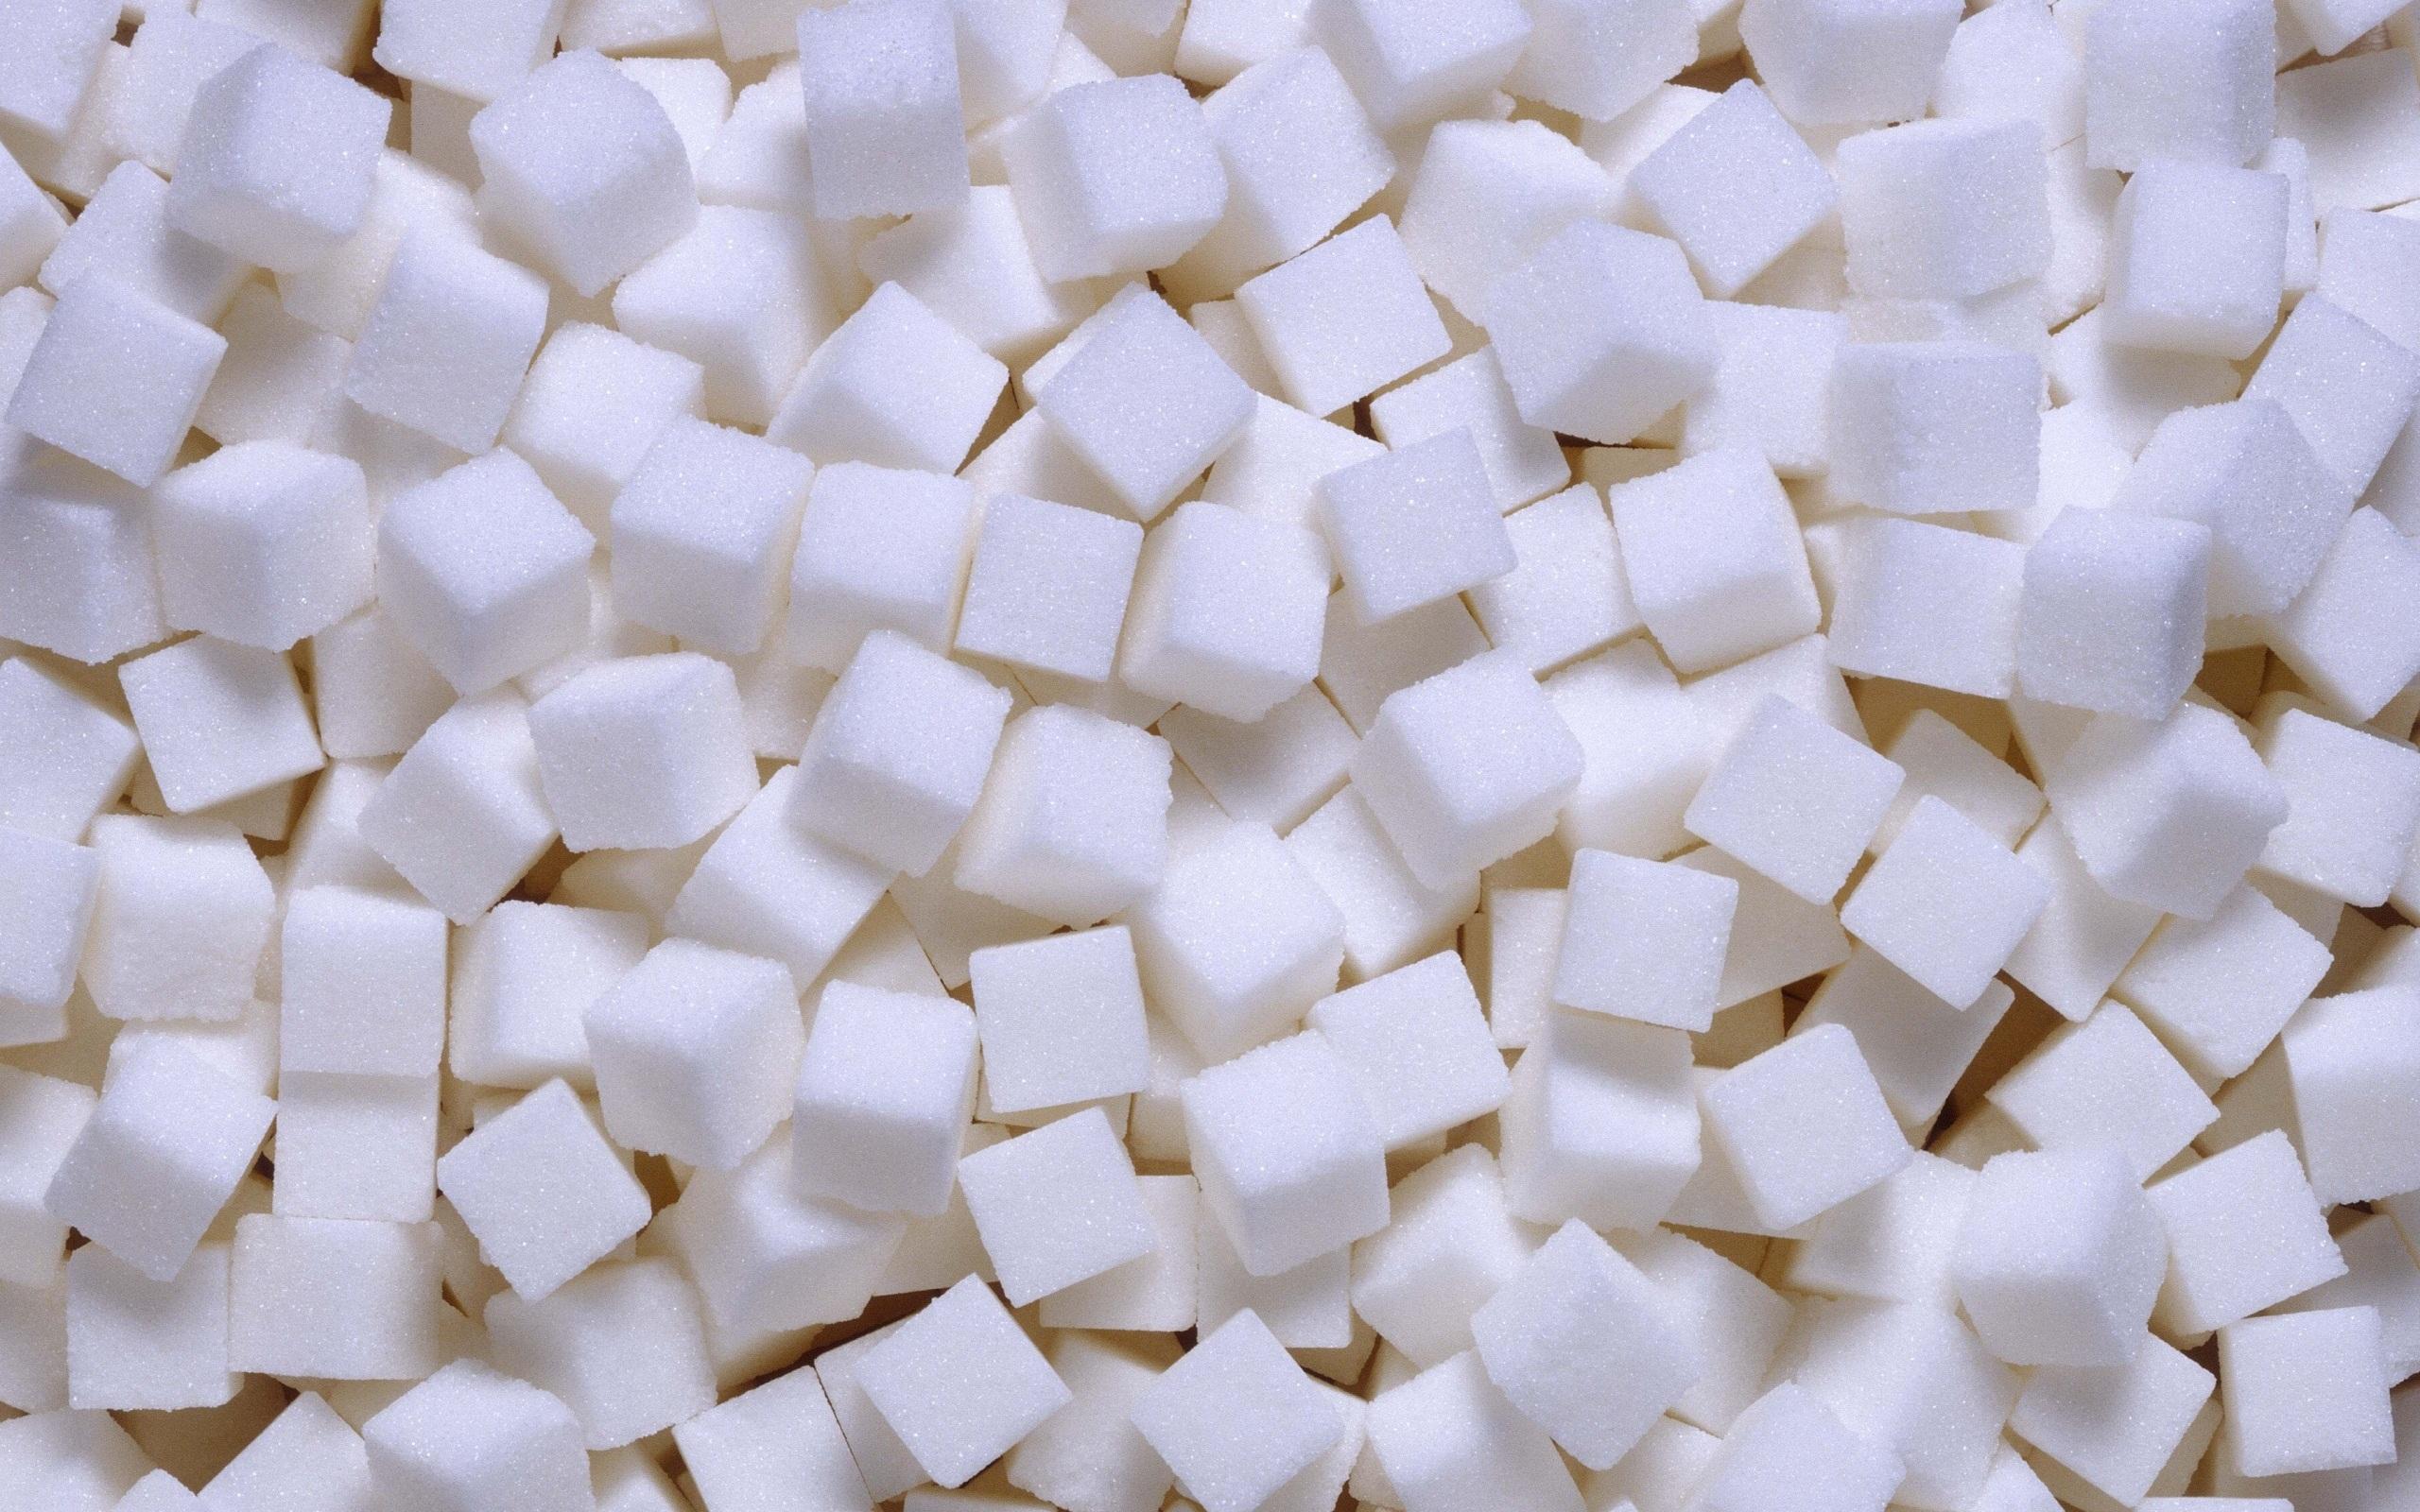 Что мы знаем о сахаре? Виды сахара, мифы о нем